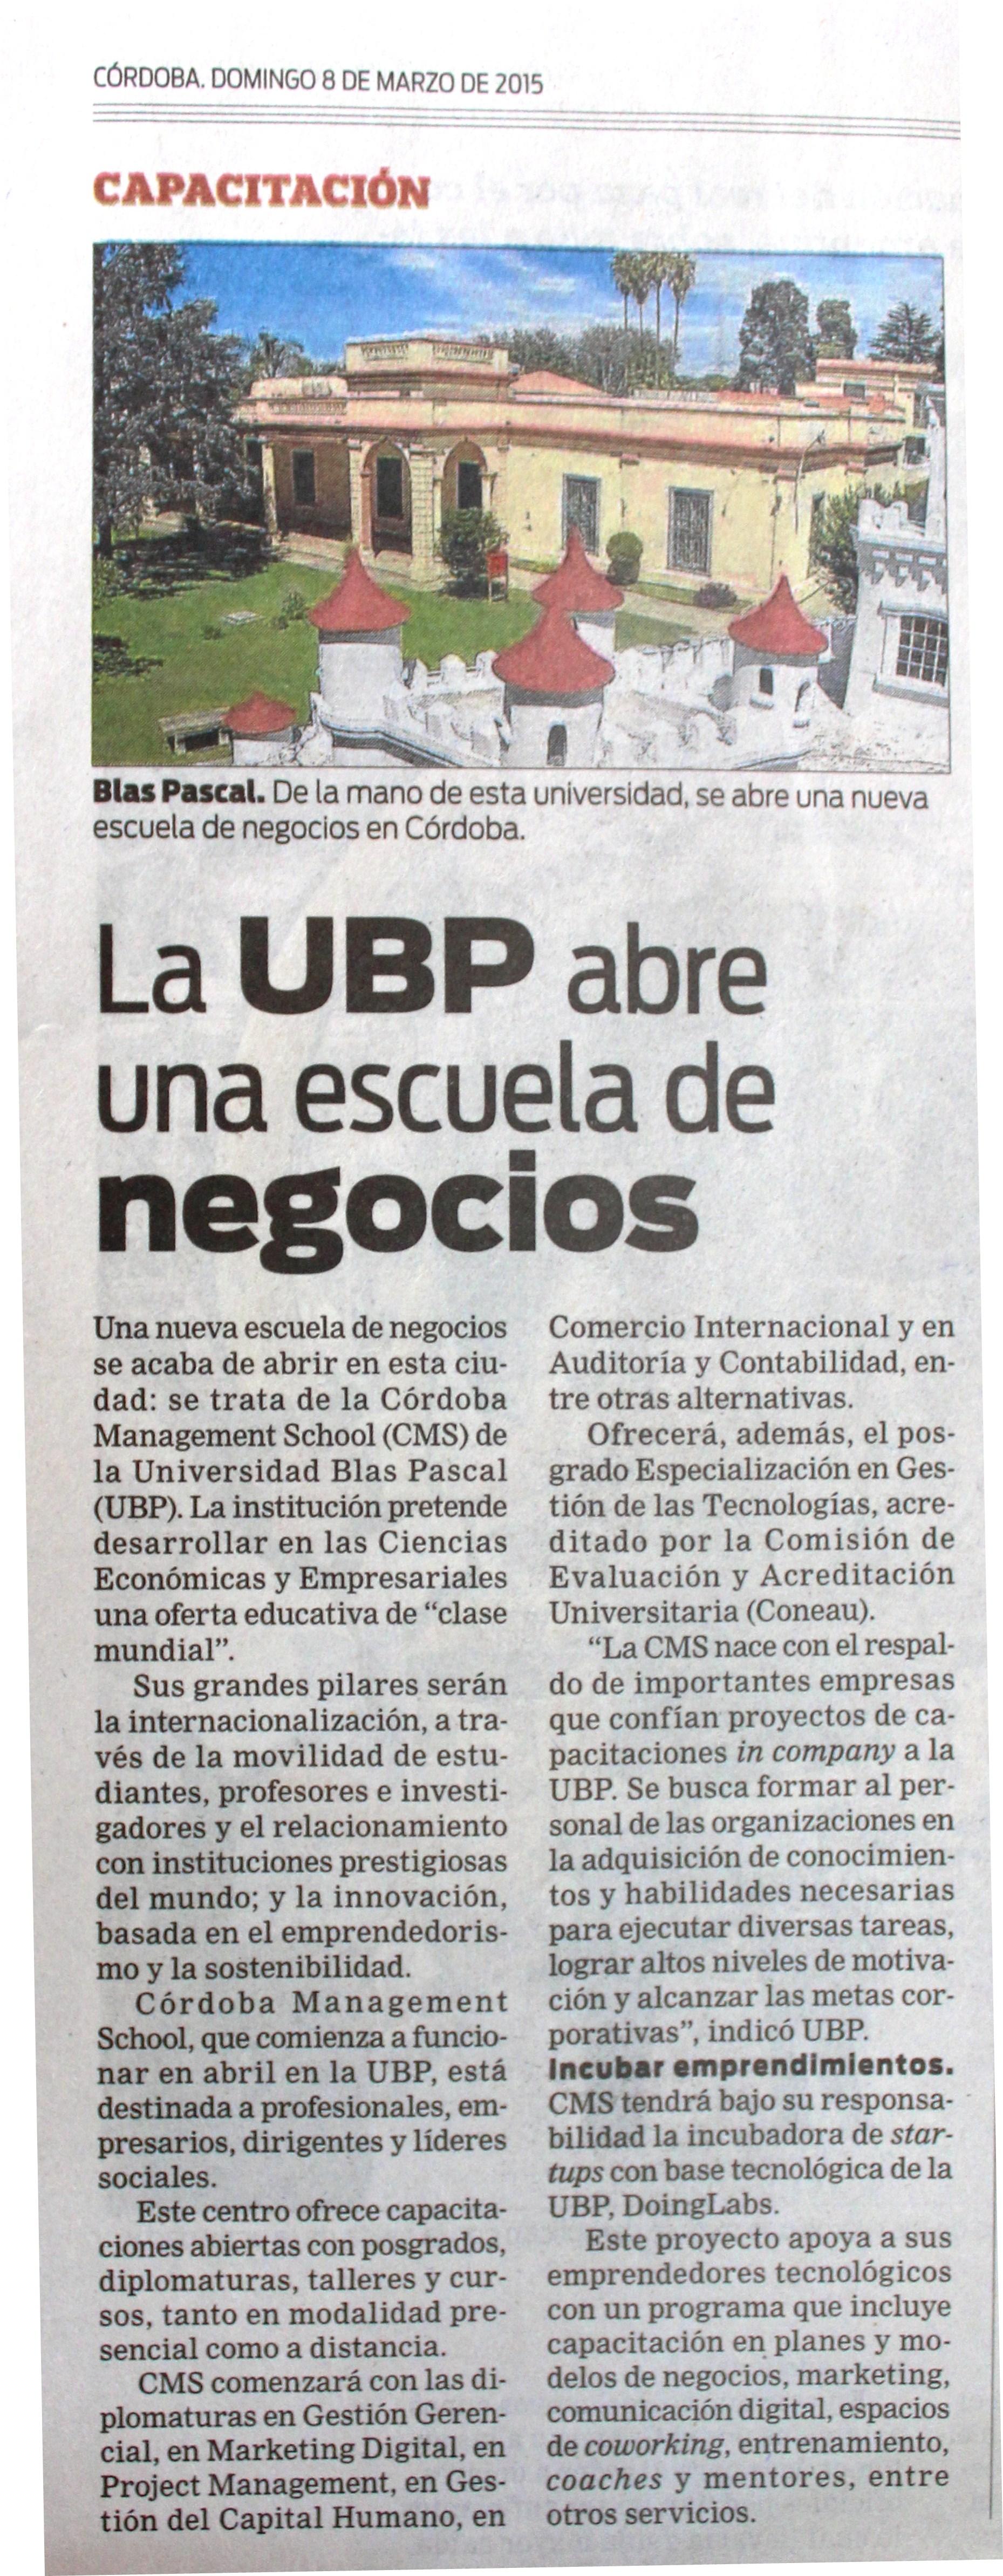 08 03 2015 la ubp abre una escuela de negocios for Lavoz del interior cordoba